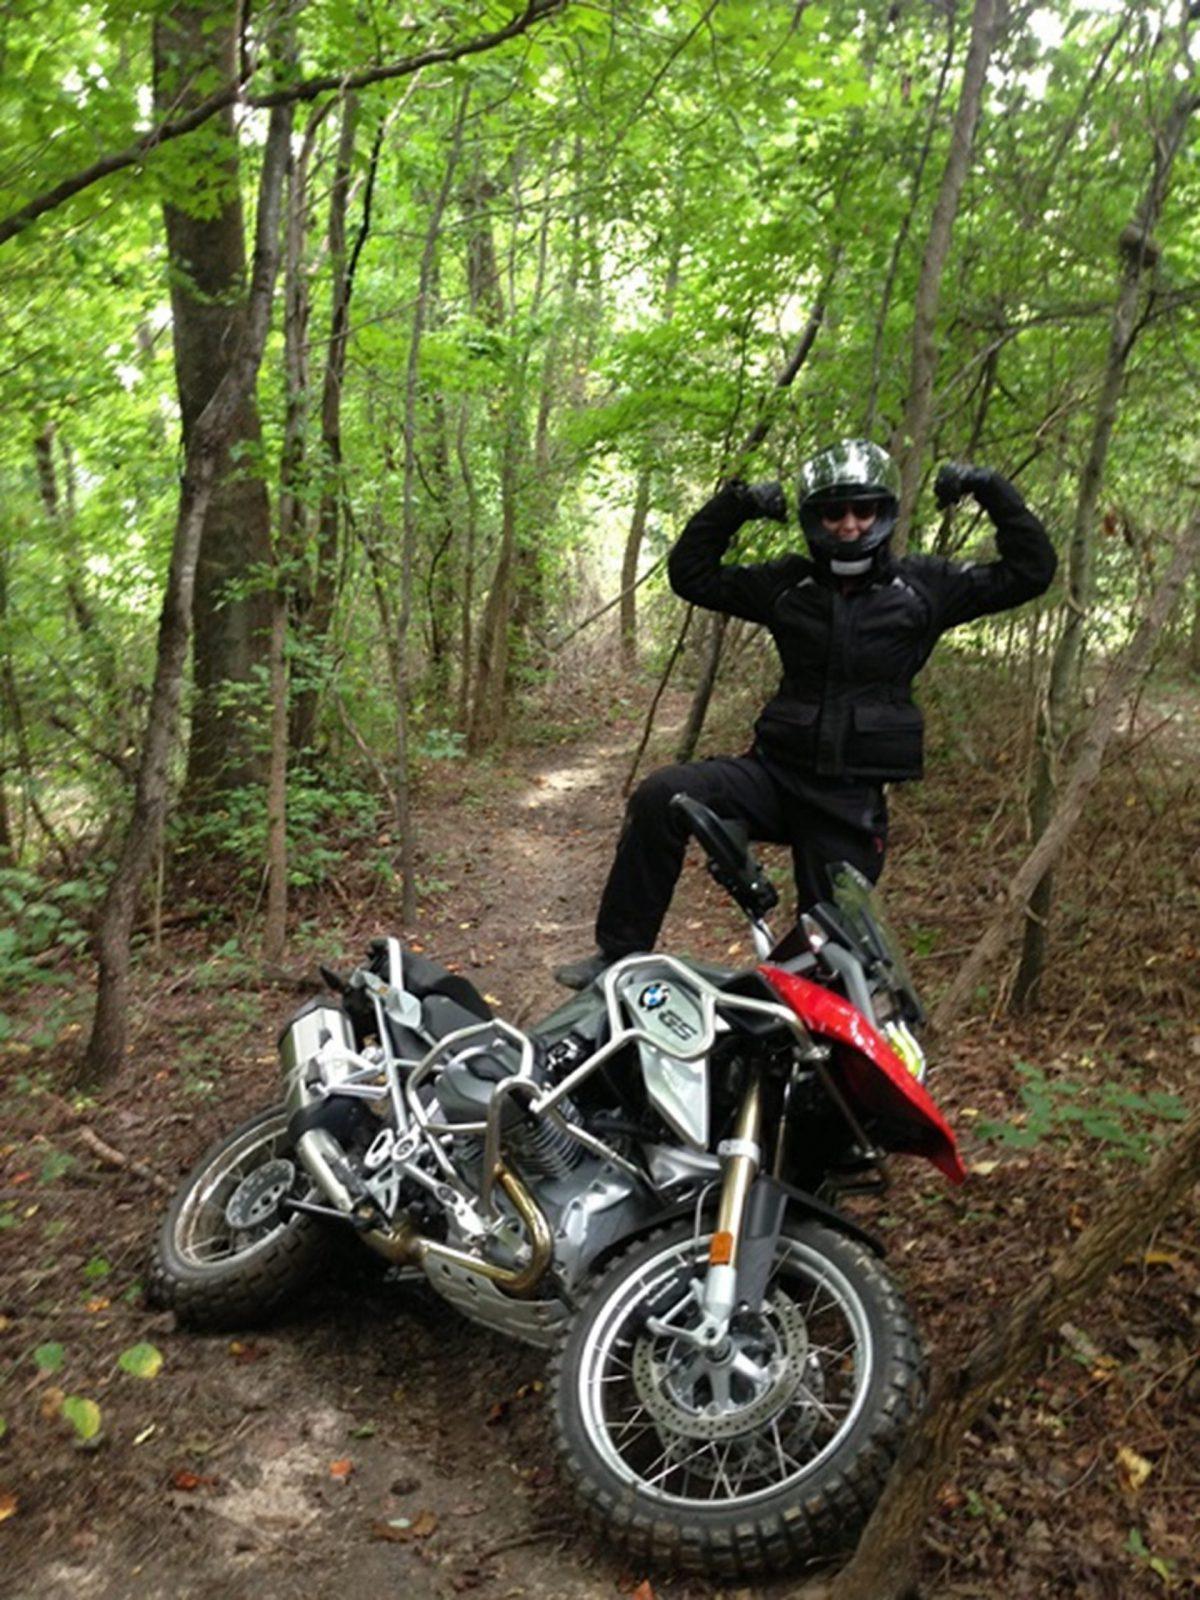 Frauen die Motorrad fahren. Als eingefleischte Motorradfahrerin weiß Christi genau, warum du nicht mit einer Frau ausgehen solltest, die Motorrad fährt!